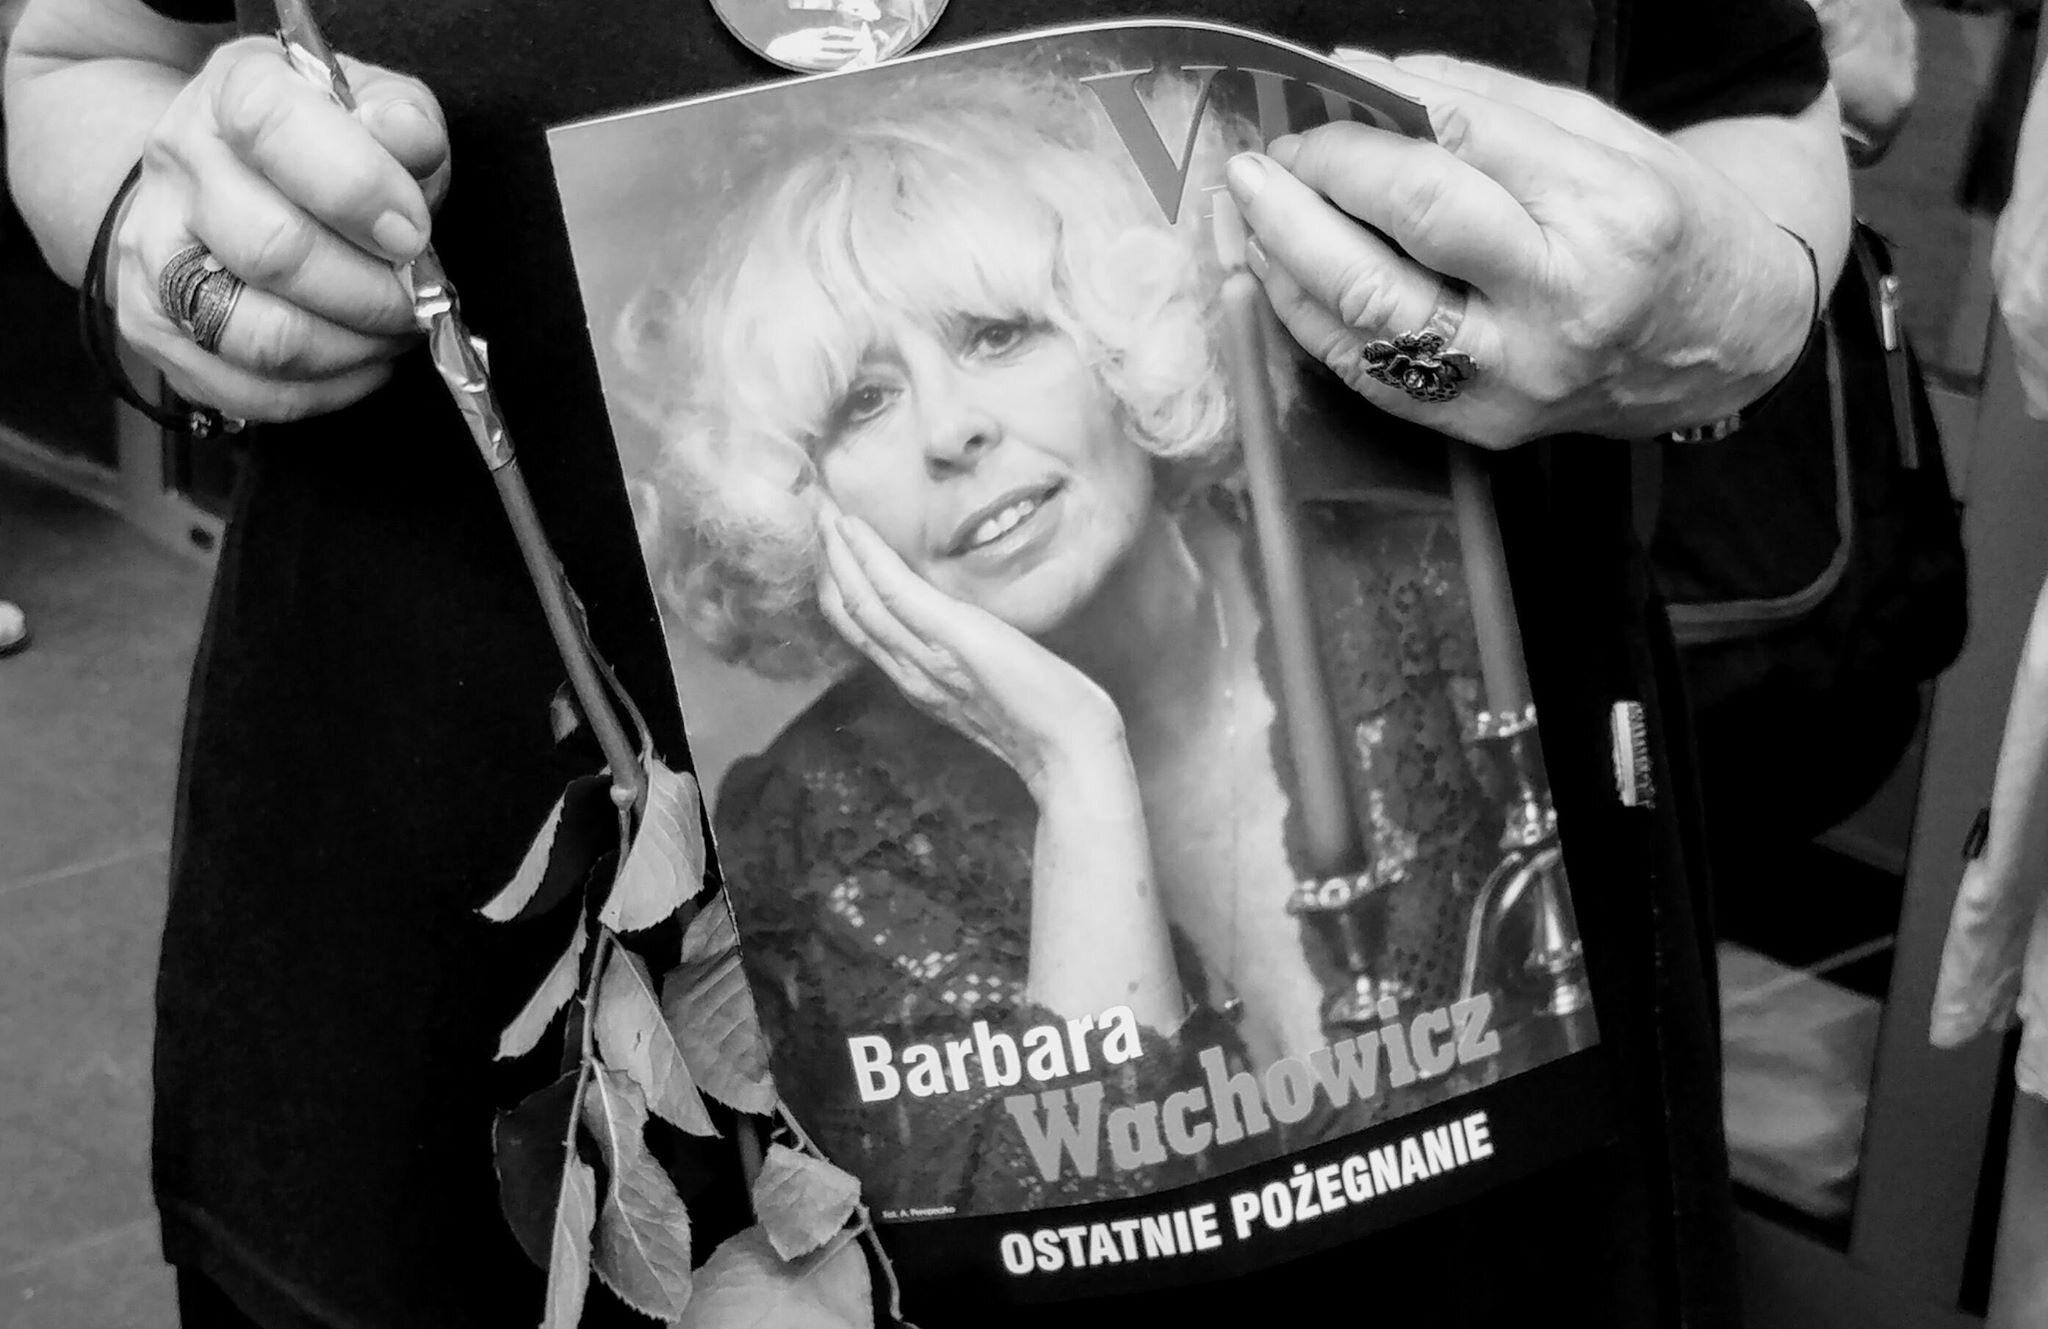 Uroczystości pogrzebowe Barbary Wachowicz